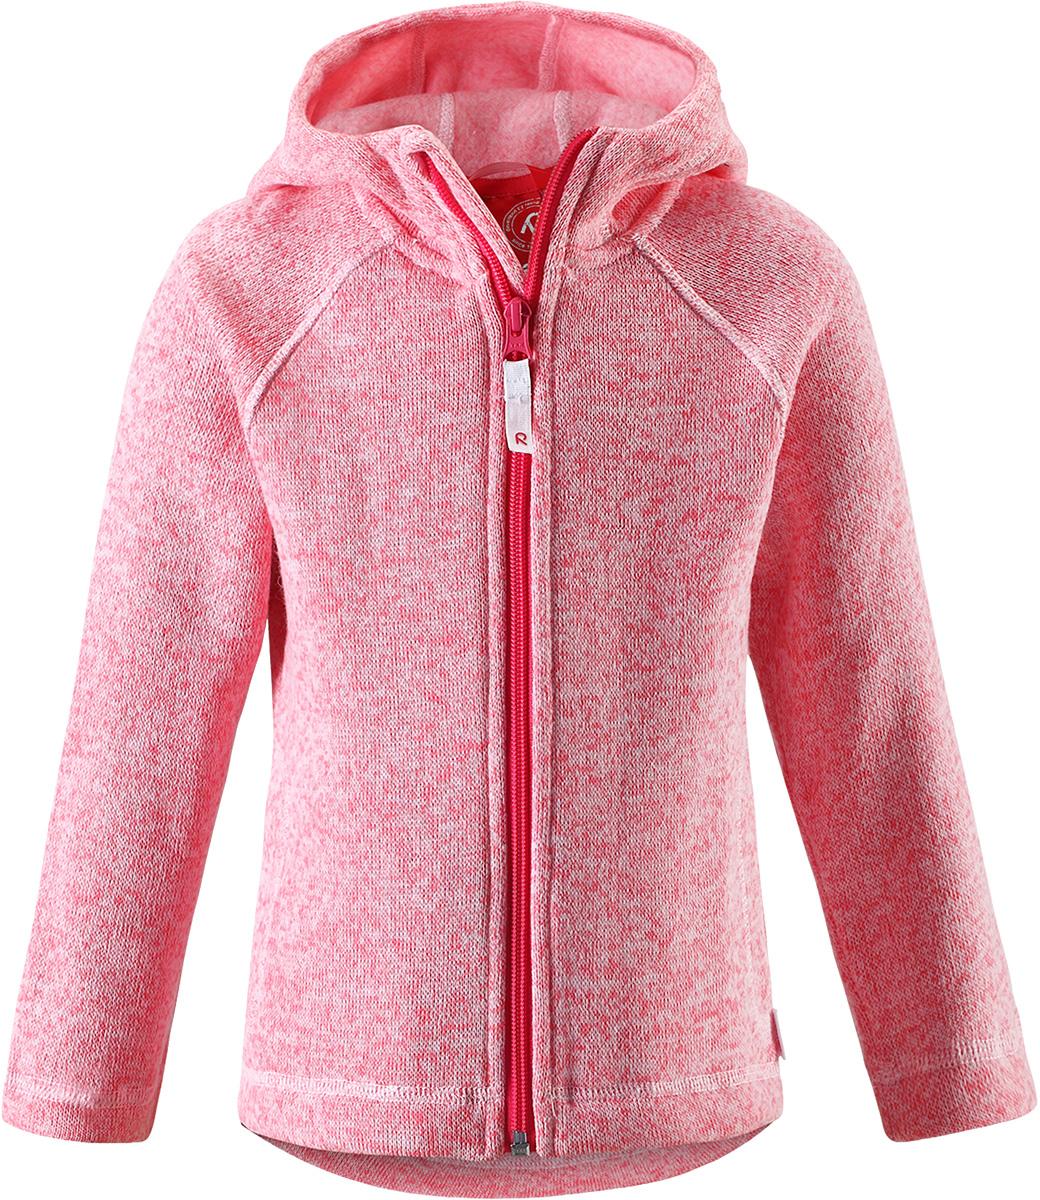 Толстовка флисовая детская Reima Pursi, цвет: розовый. 5262513360. Размер 1345262513360Детская флисовая толстовка Reima с капюшоном отличный вариант на прохладный день. Можно использовать как верхнюю одежду в сухую погоду весной и осенью или надевать в качестве промежуточного слоя в холода. Обратите внимание на удобную систему кнопок Play Layers, с помощью которой легко присоединить эту модель к одежде из серии Reima Play Layers и обеспечить ребенку дополнительное тепло и комфорт. Высококачественный флис - это теплый, легкий и быстросохнущий материал, он идеально подходит для активных прогулок. Удлиненная спинка обеспечивает дополнительную защиту для поясницы, а молния во всю длину с защитой для подбородка облегчает надевание.